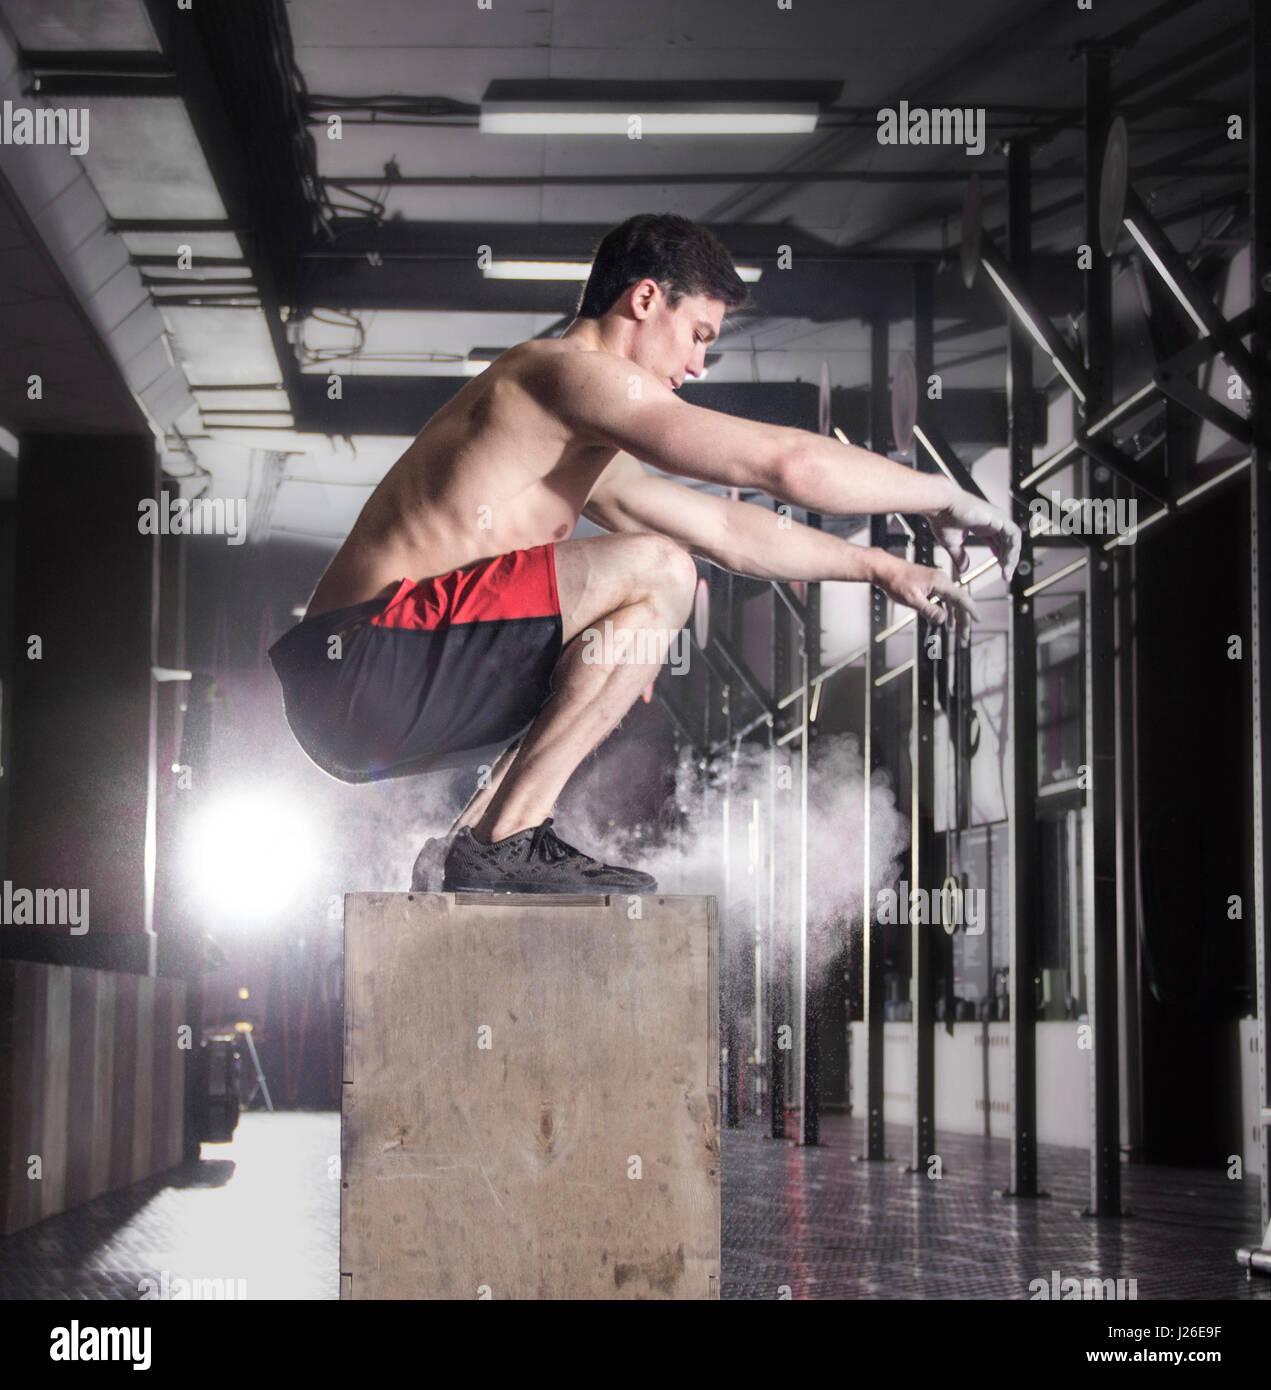 Passen Sie junge Männer-Kiste springen in einem Crossfit Gym. Sportler Datenzugriffsmöglichkeit Stockbild